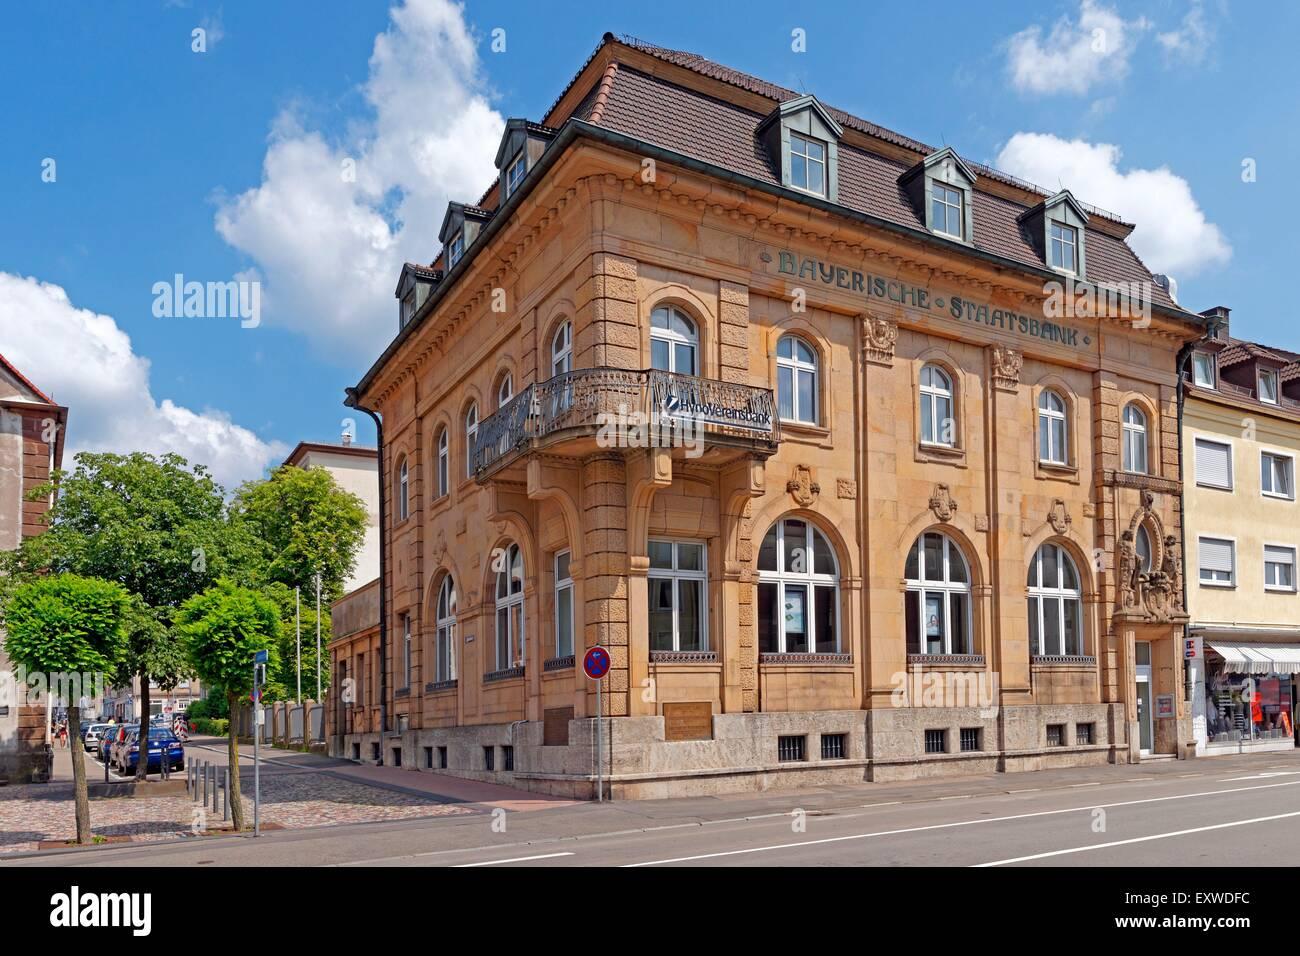 Bayerische Staatsbank in Pirmasens, Rhineland-Palatinate, Germany - Stock Image